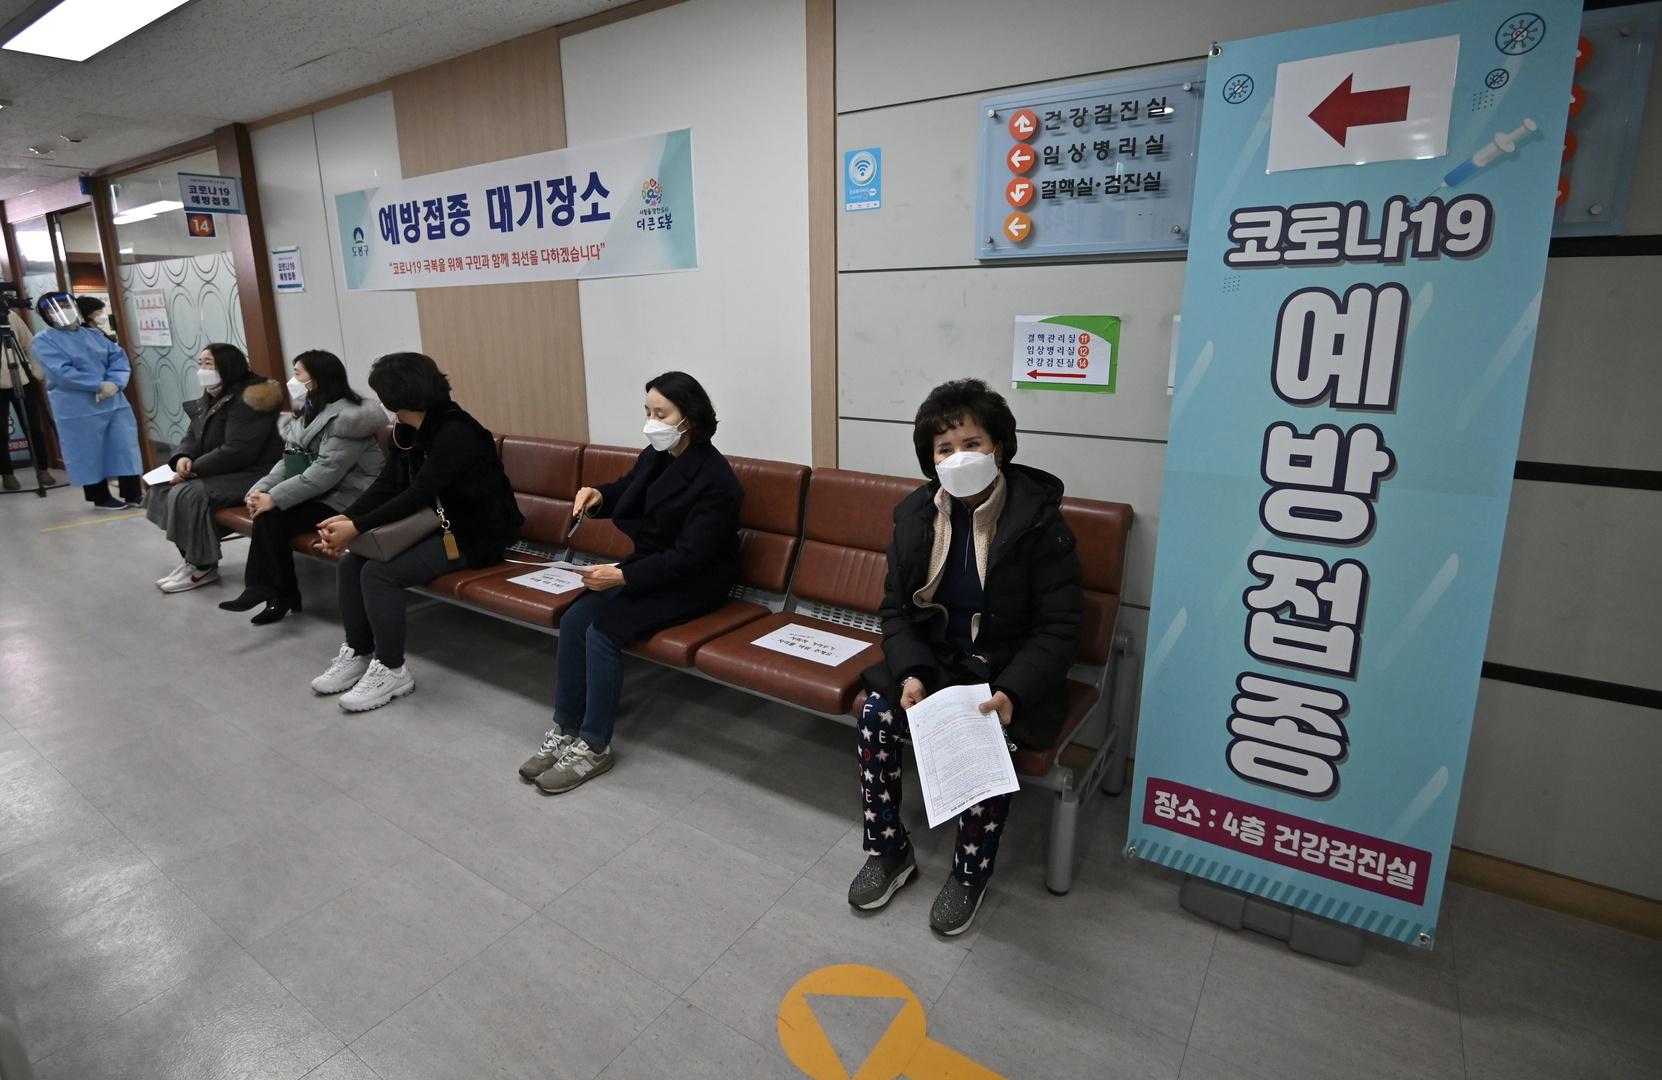 تقرير: كوريا الجنوبية تسجل أسرع وتيرة في انخفاض معدل الخصوبة وشيخوخة السكان